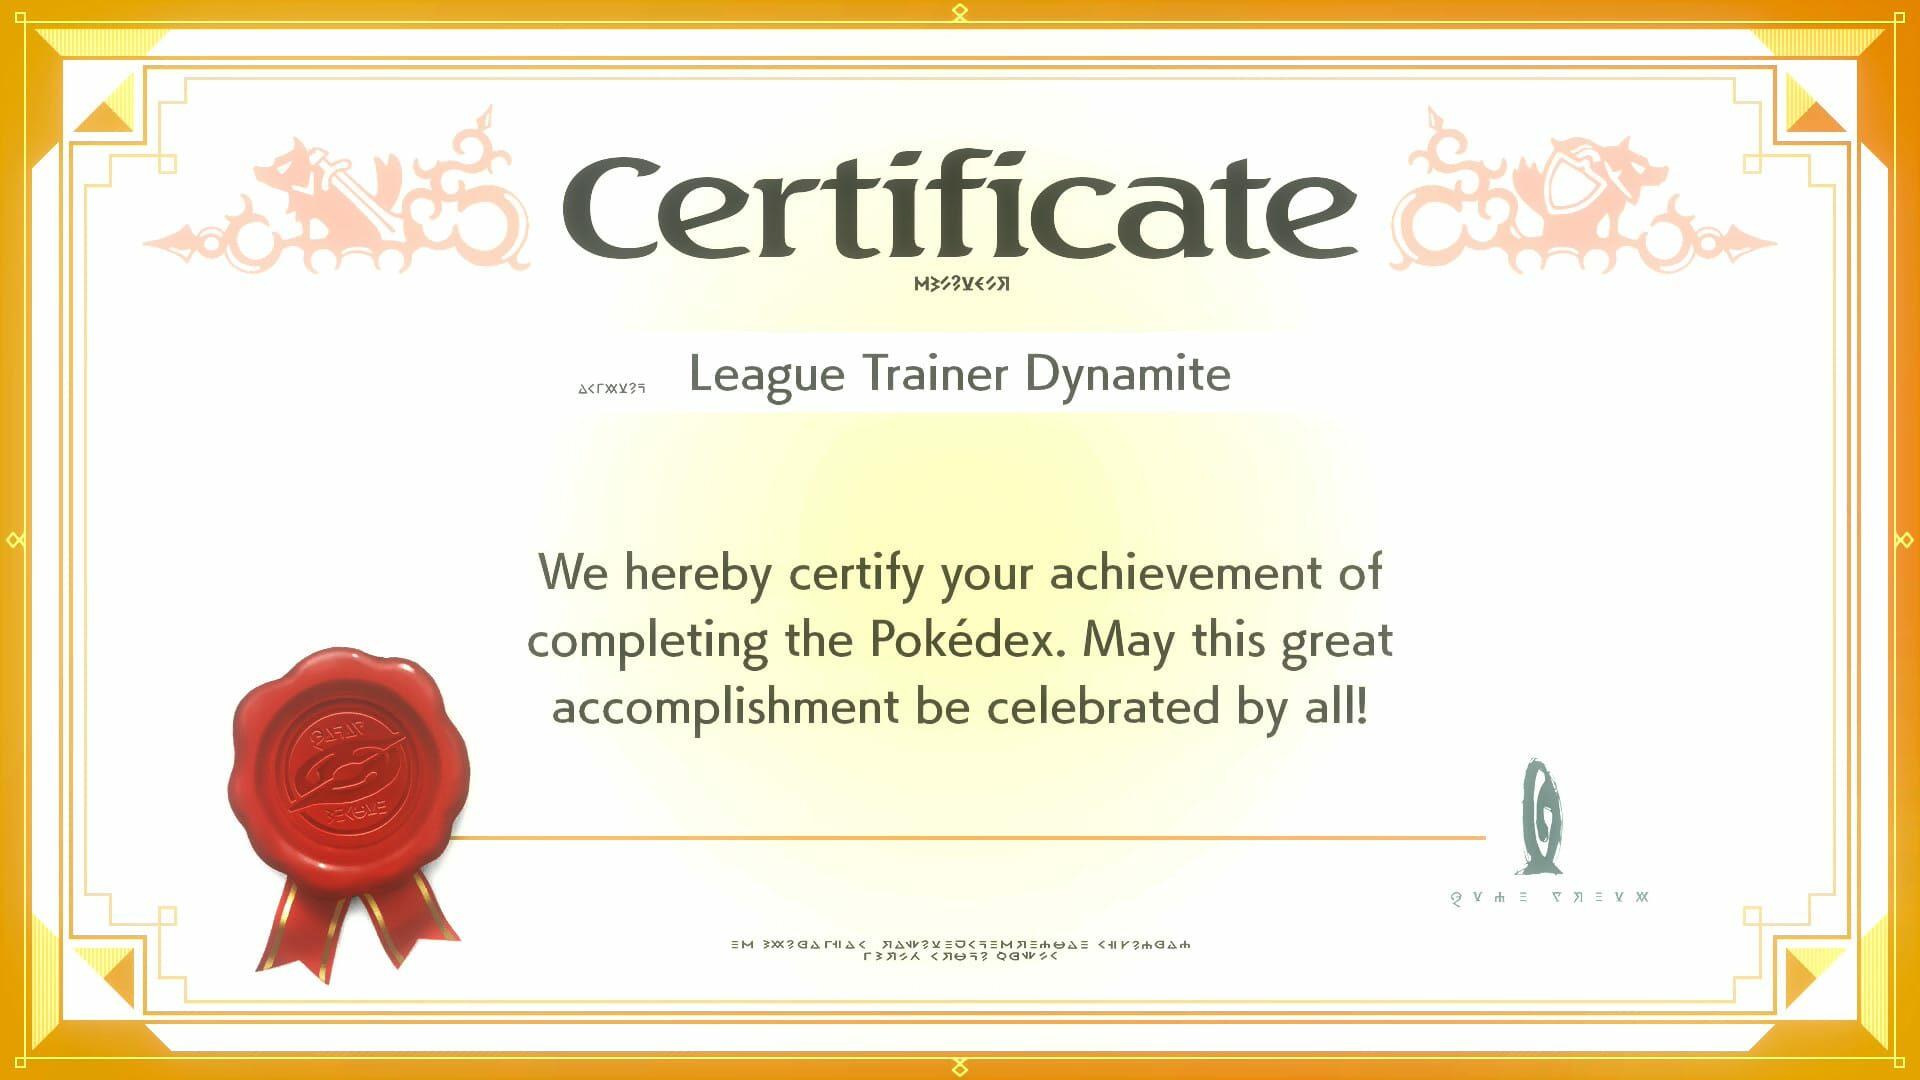 Pokédex completion certificate from Pokémon Shield.